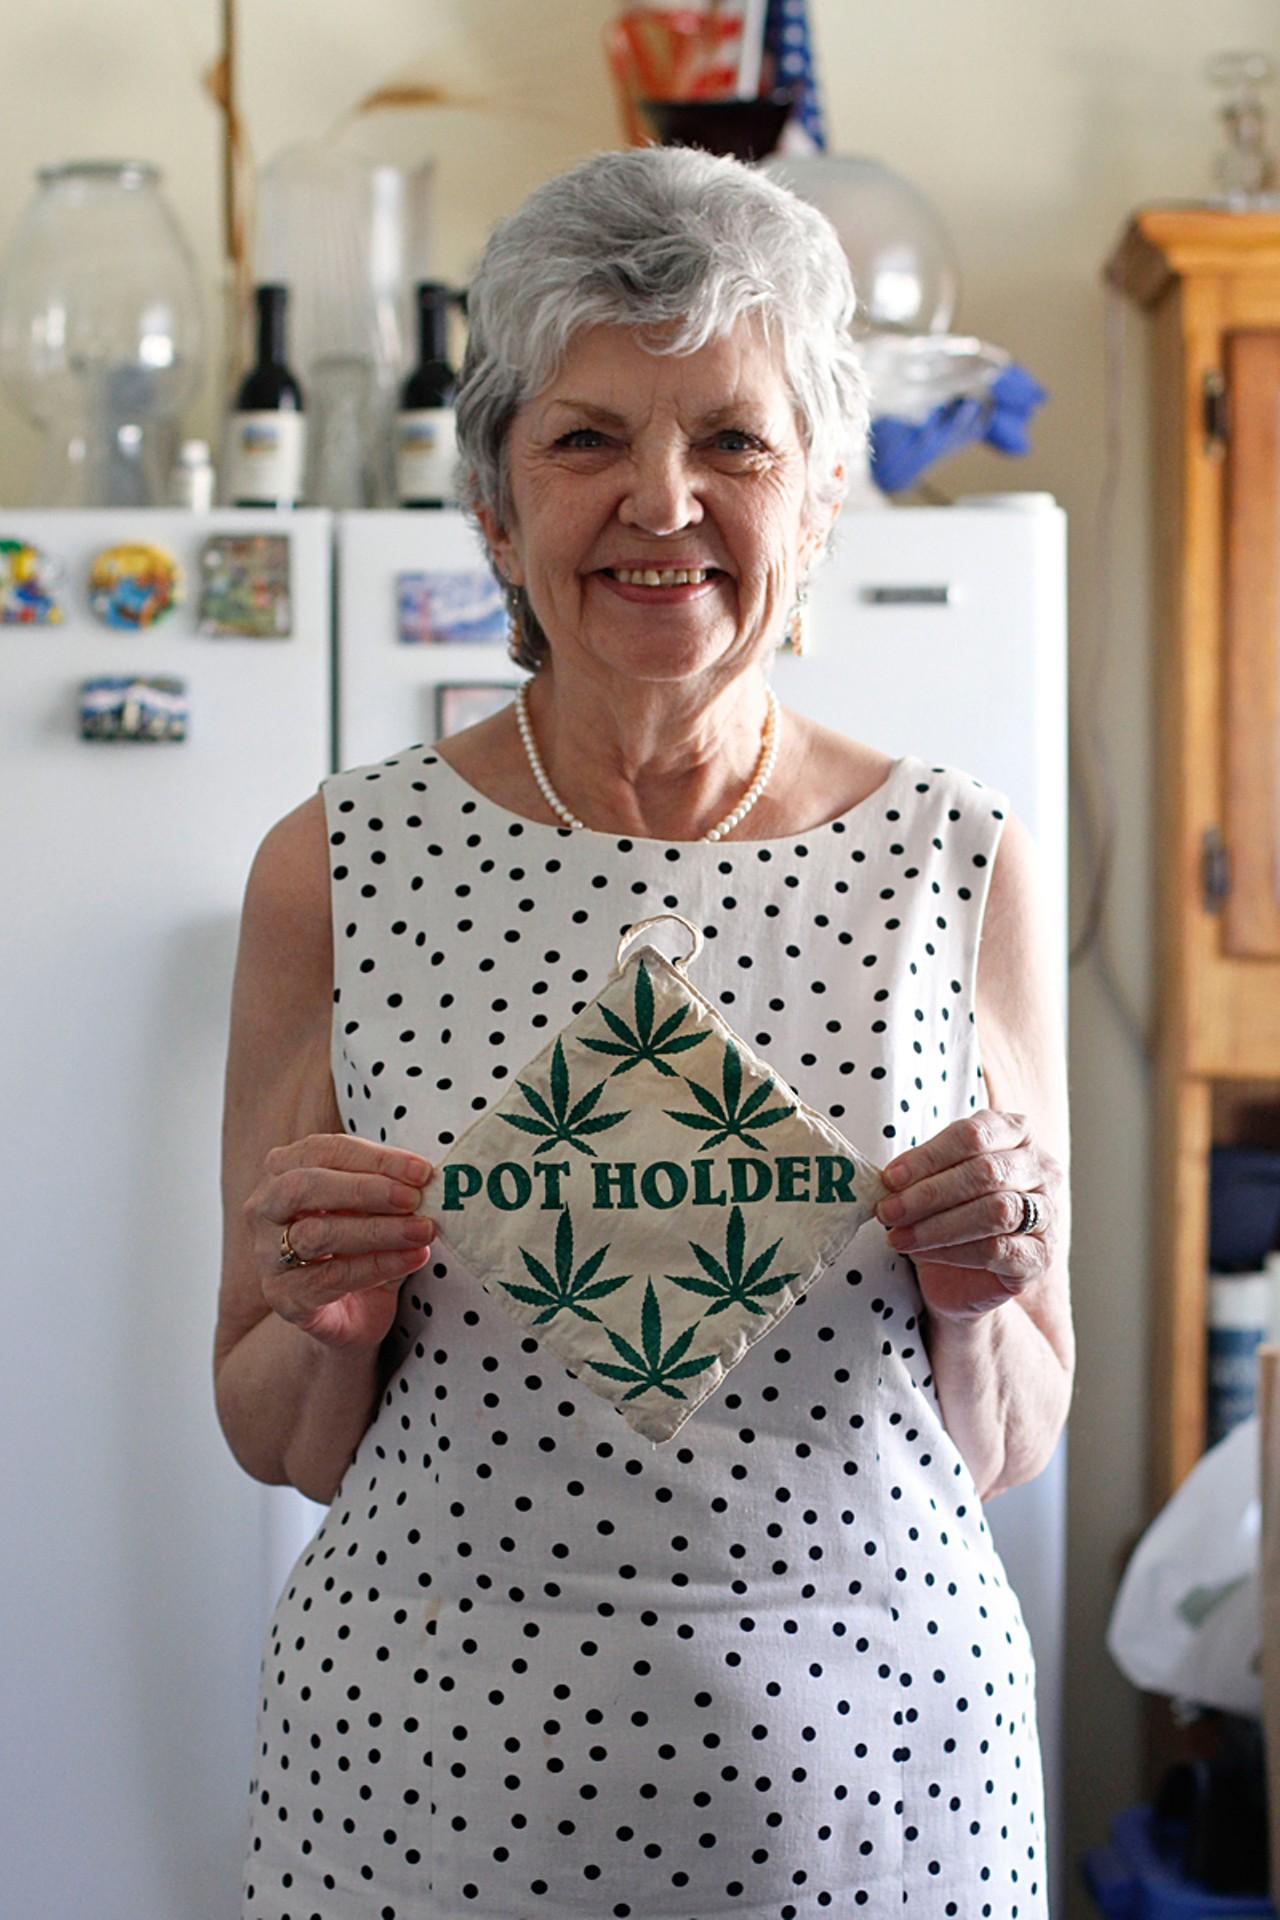 cannabis oil cures cancer